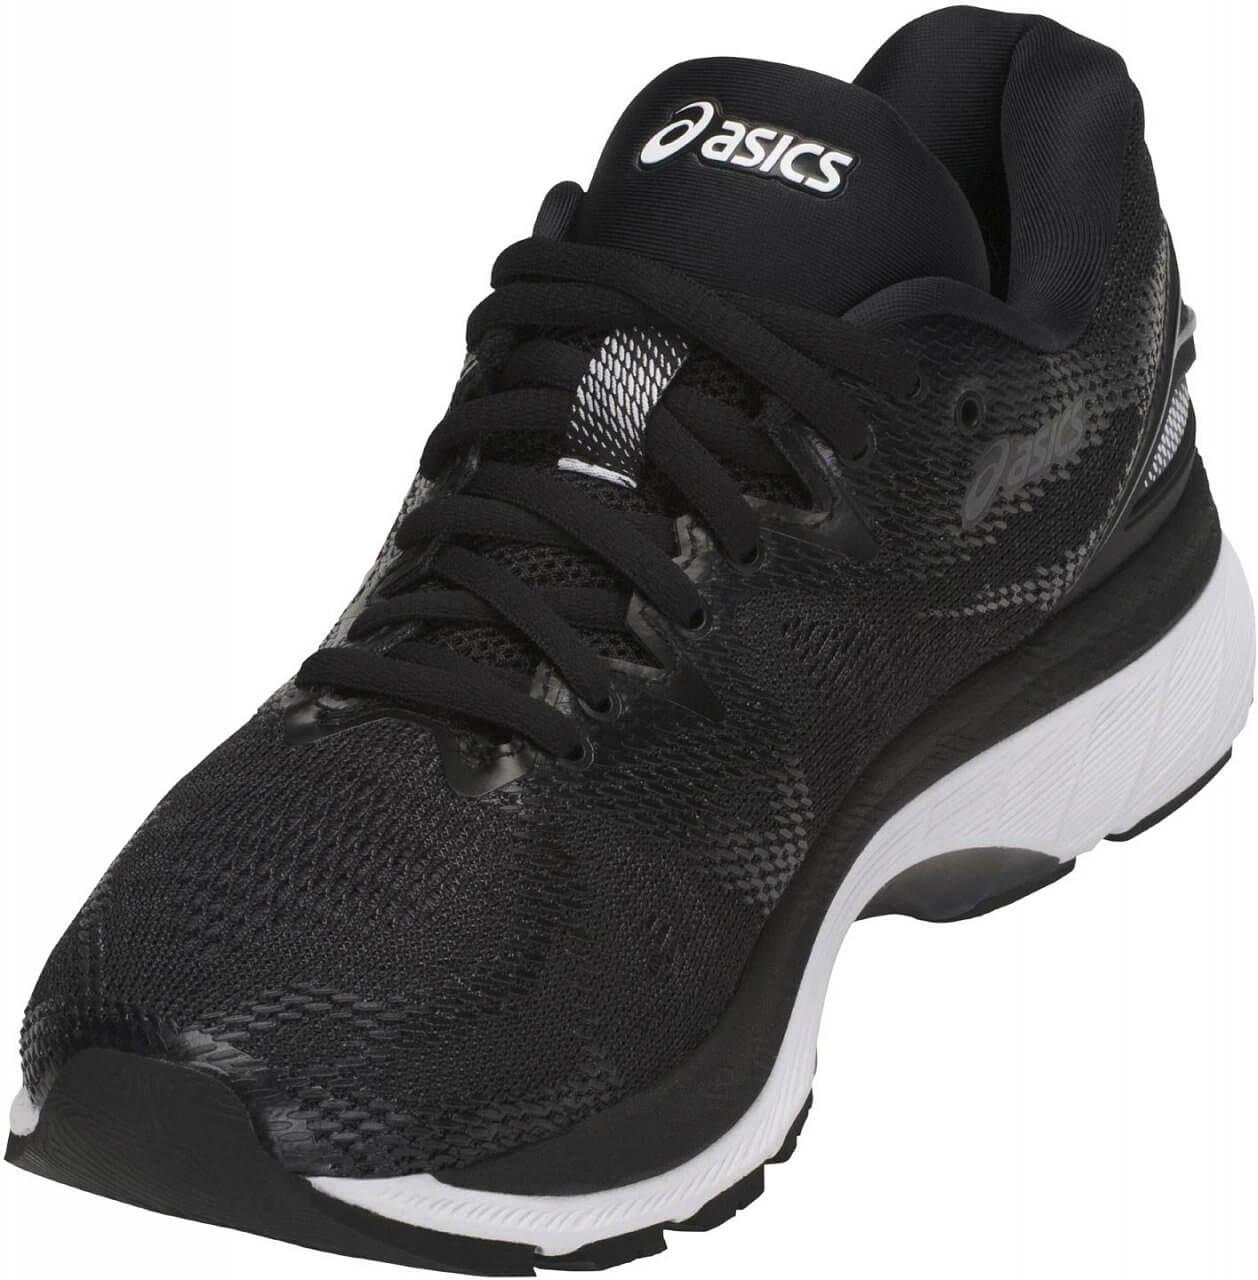 Asics Gel Nimbus 20 - dámské běžecké boty  573a71973c2